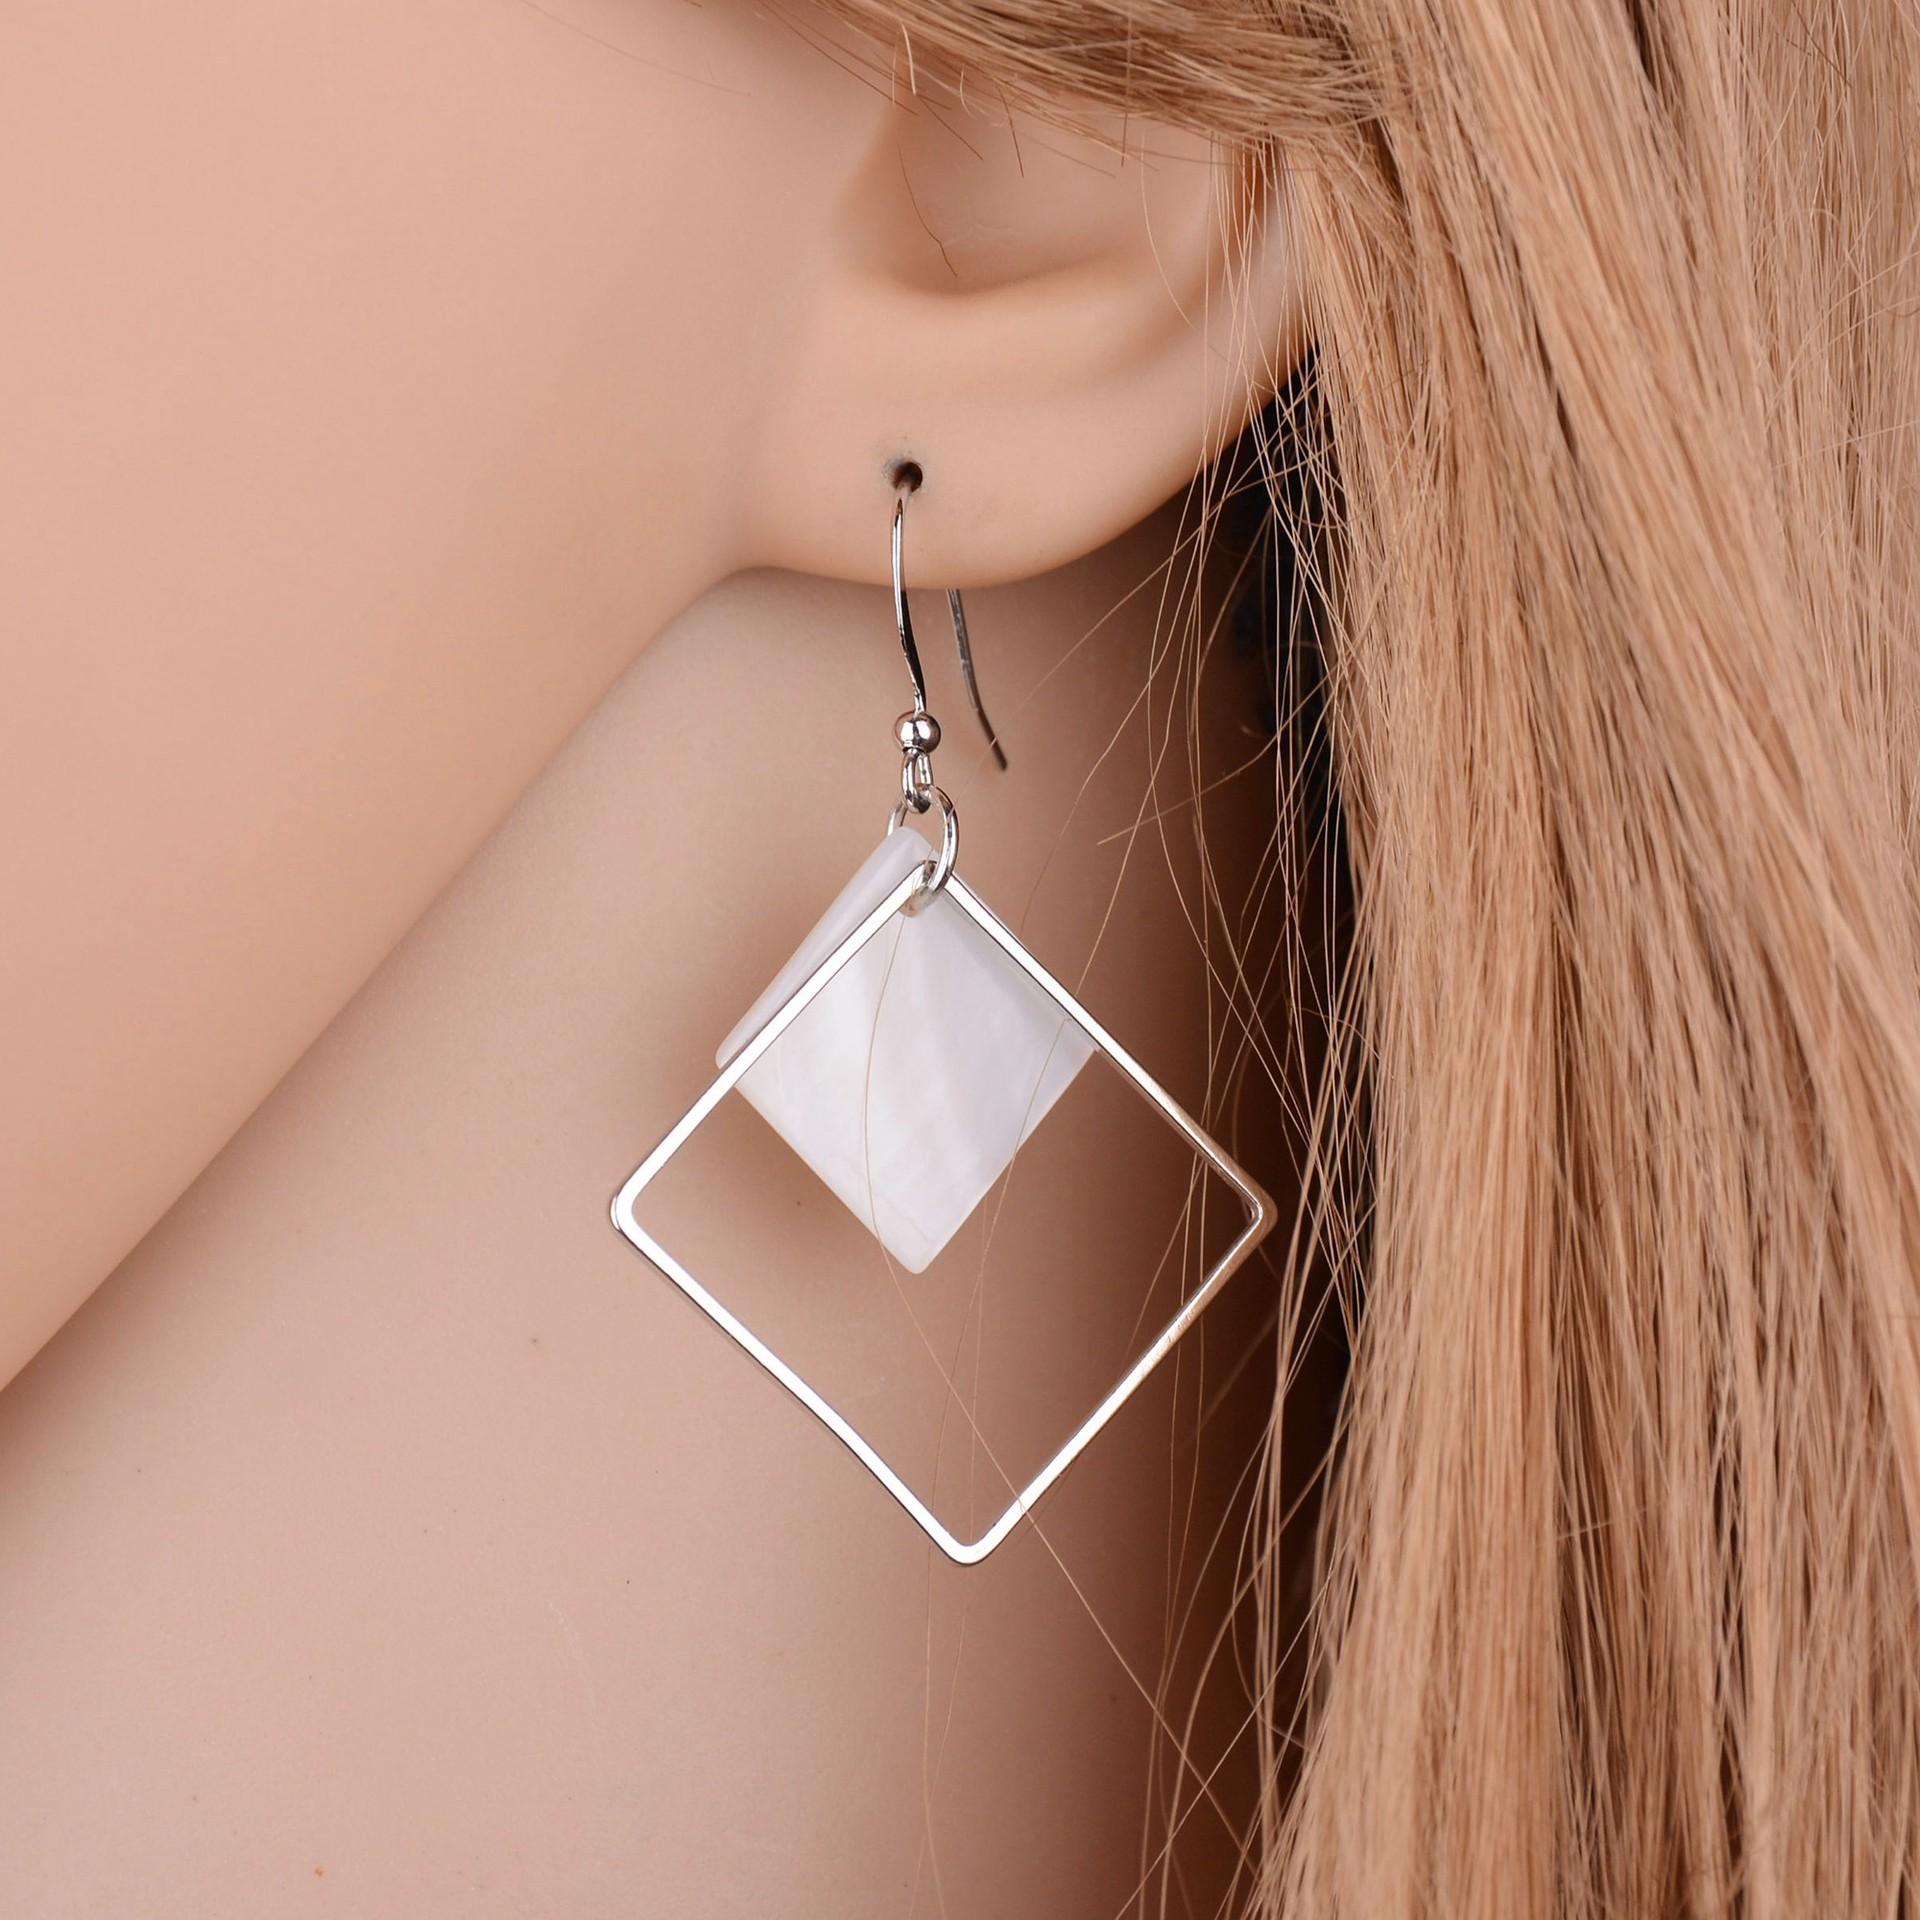 Minimalist Punk Wholesale Love Square White Shell Drop Earrings For Women Earings Jewelry Wedding Geometric Oorbellen